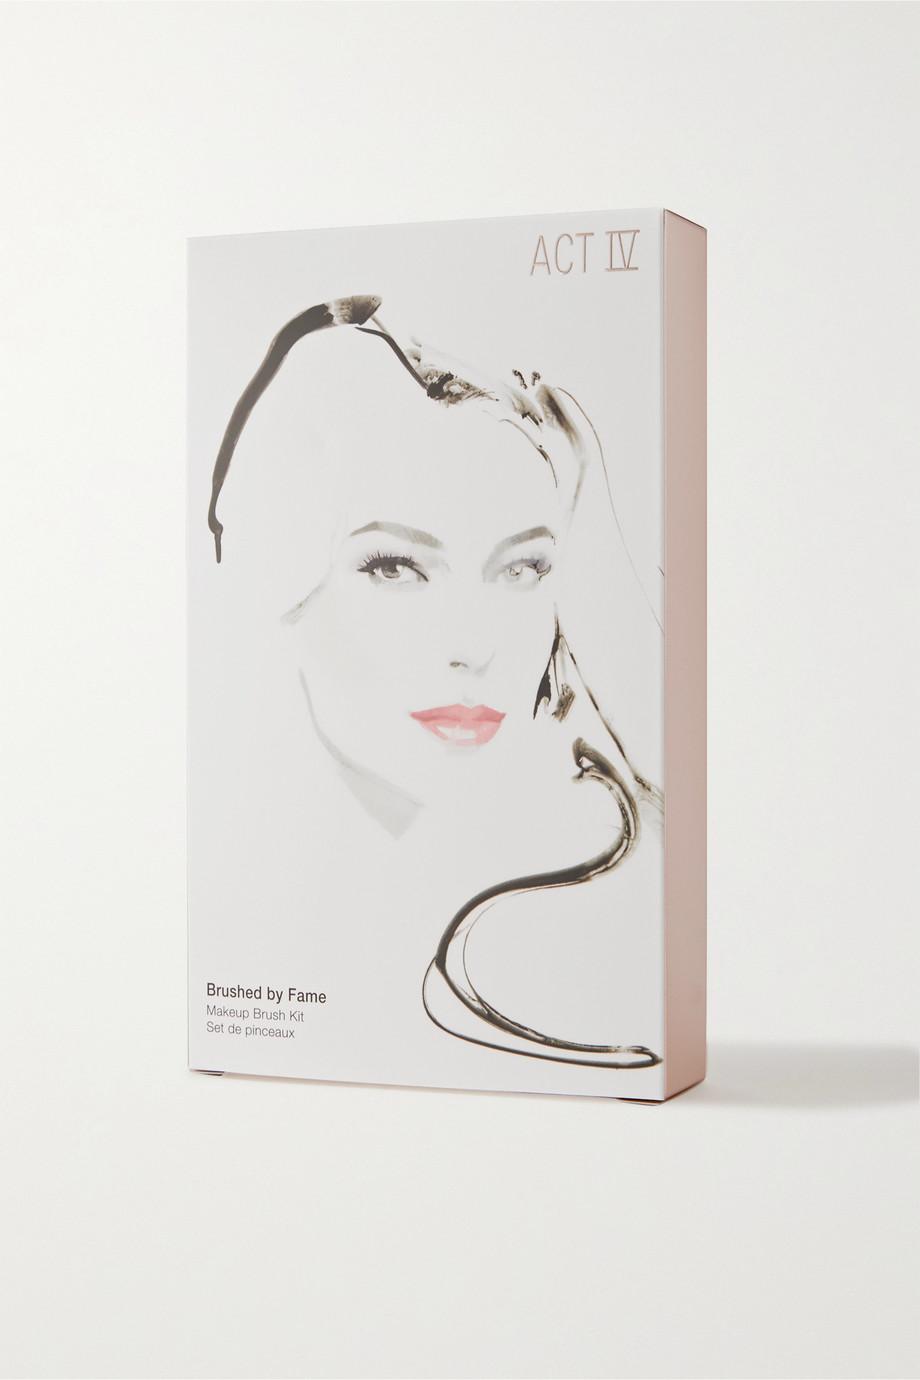 Estée Lauder Act IV Brushed by Fame Kit